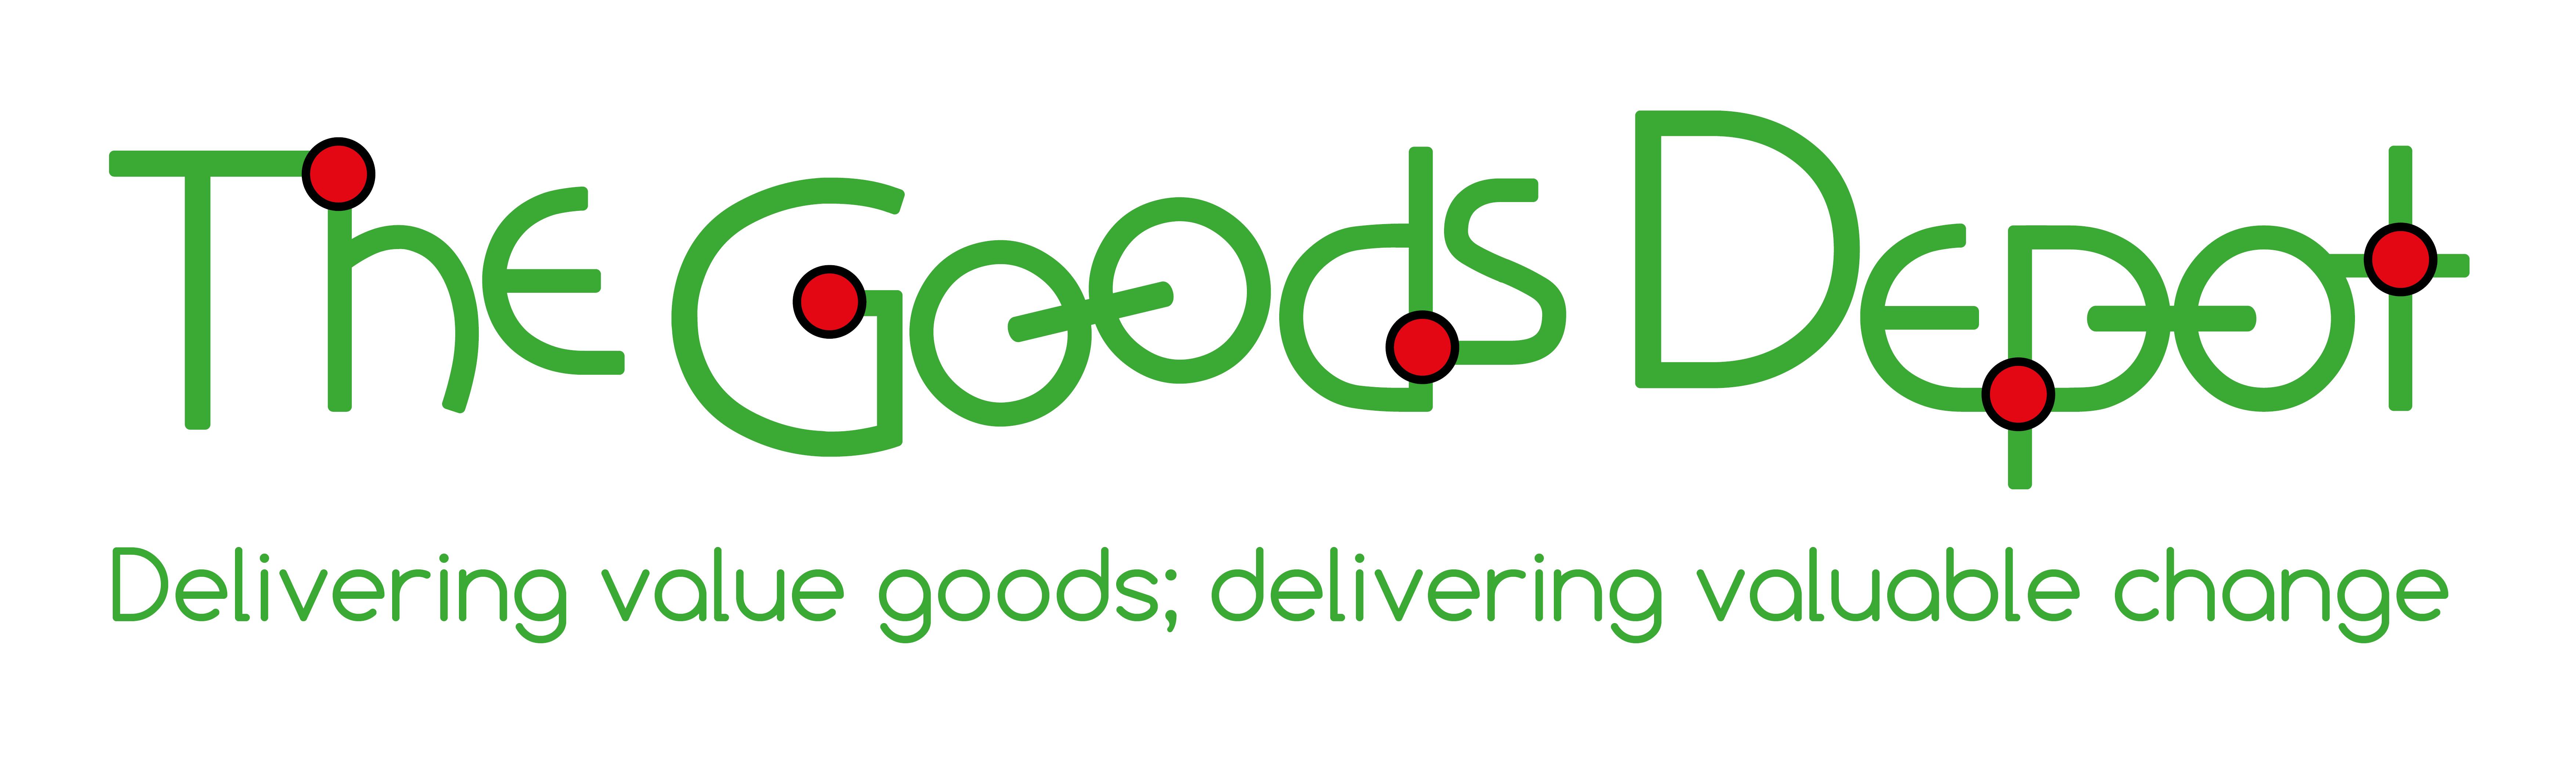 The Goods Depot